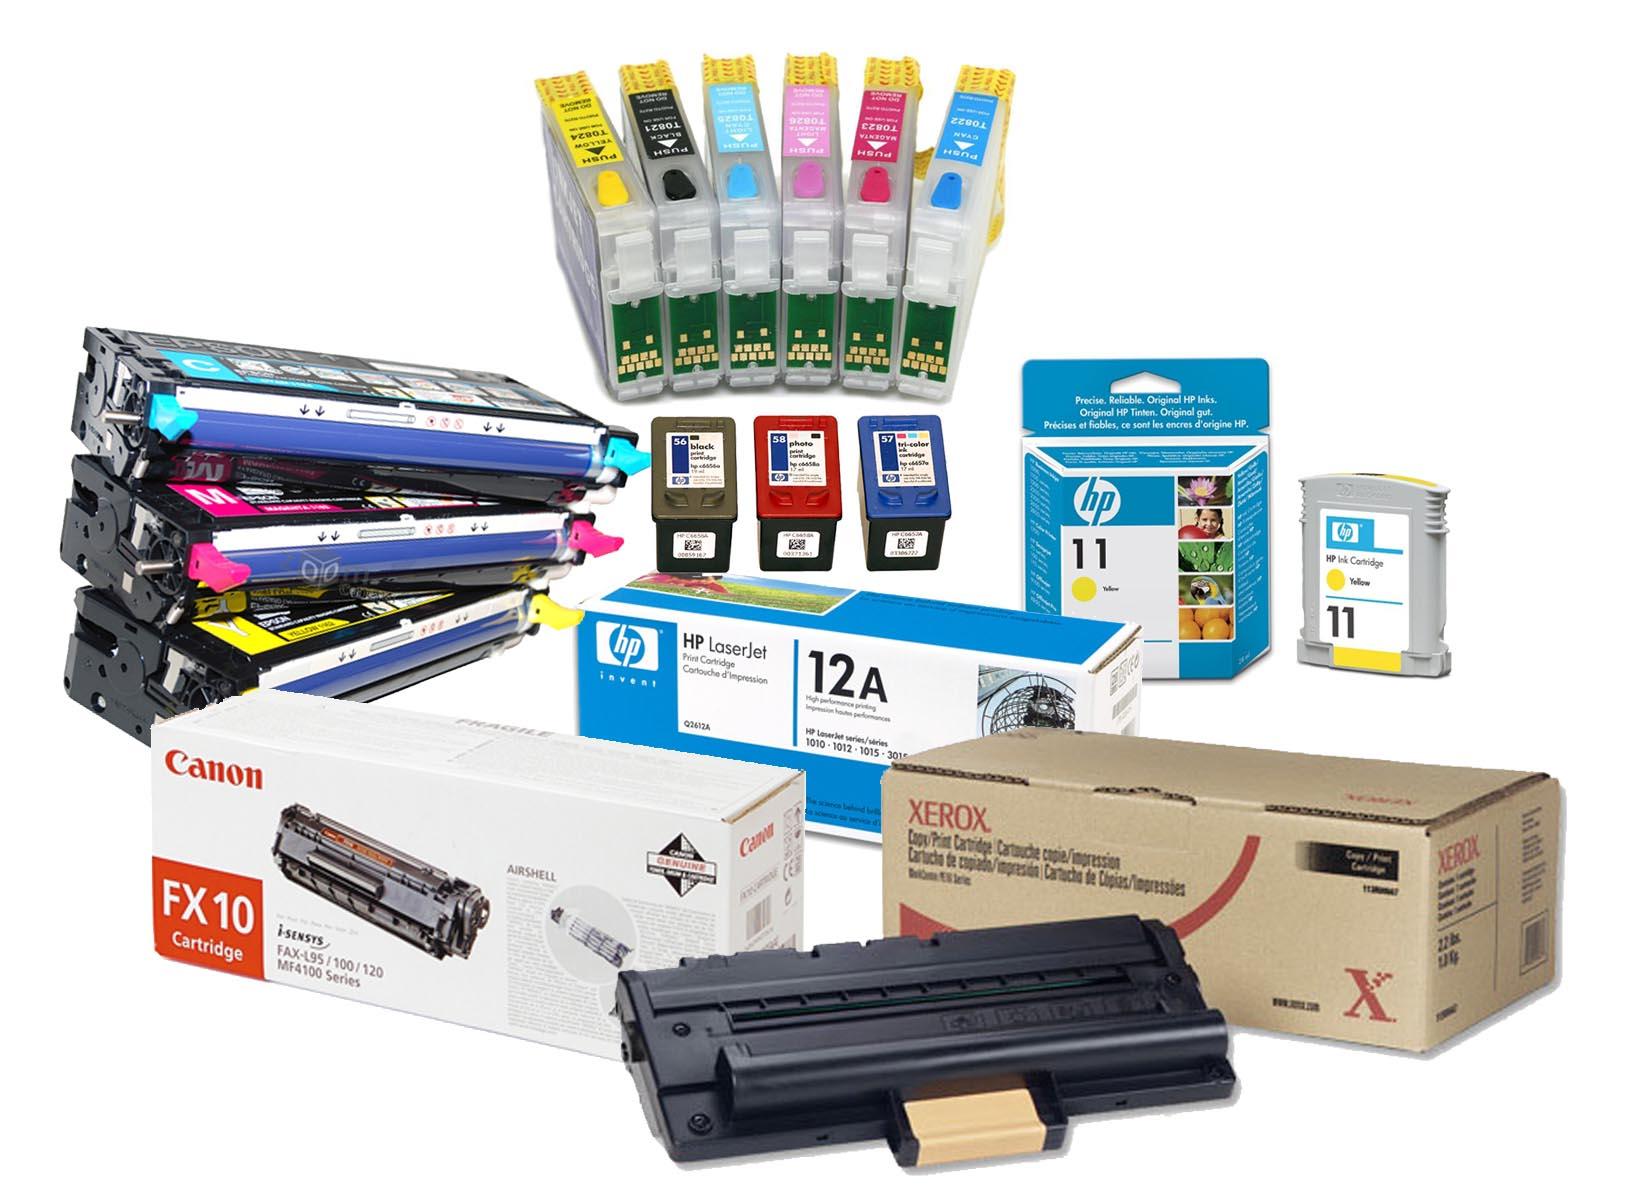 Сбор заказов. Расходные материалы для оргтехники-картриджи для принтеров оригинальные и совместимые